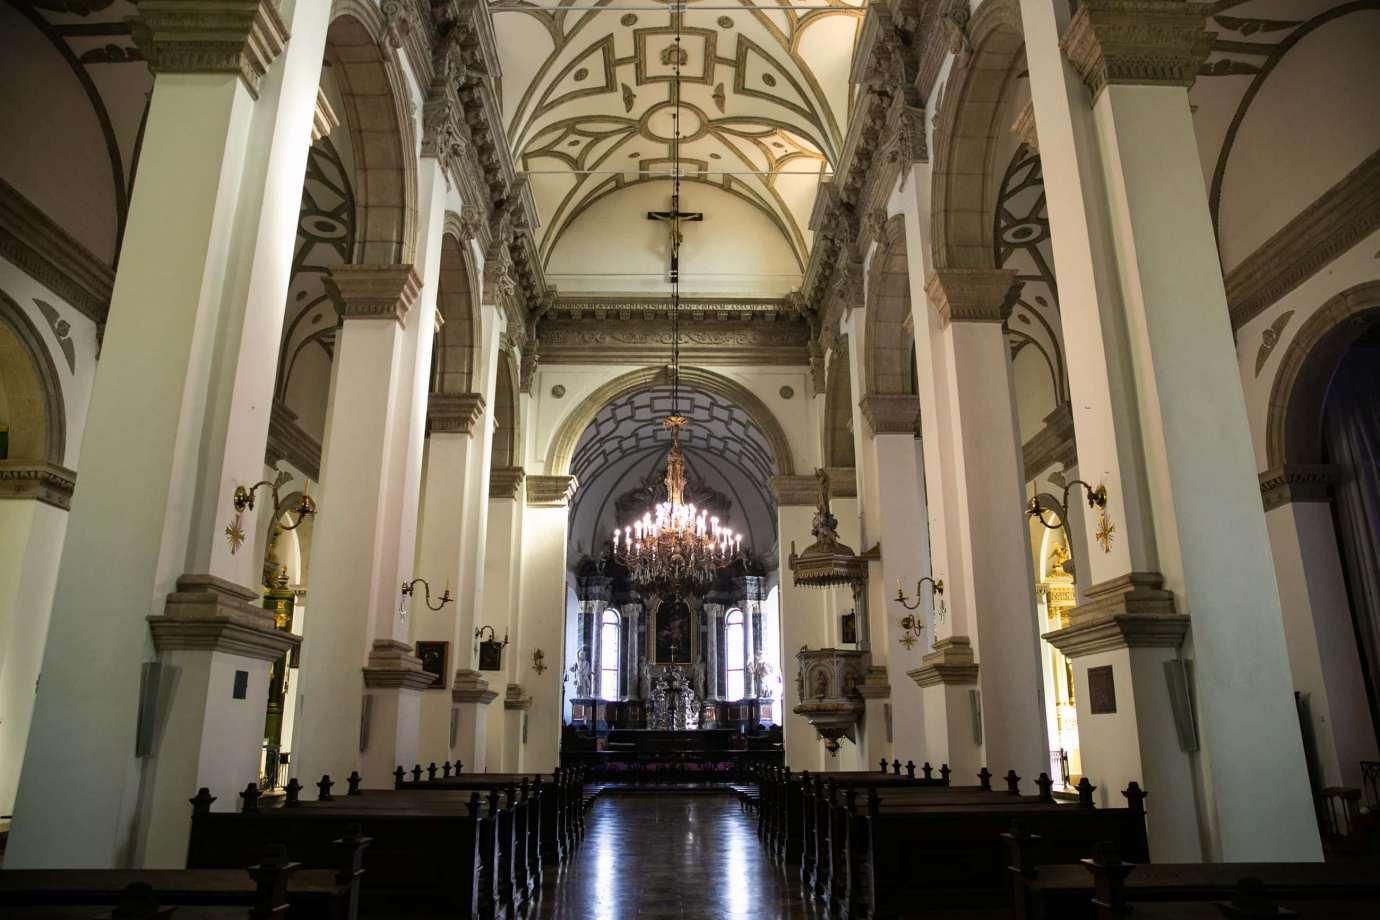 parafia katedralna zmartwychwstania panskiego i sw tomasza apostola w zamosciu 3 Zdjęcia grobów pańskich w zamojskich świątyniach